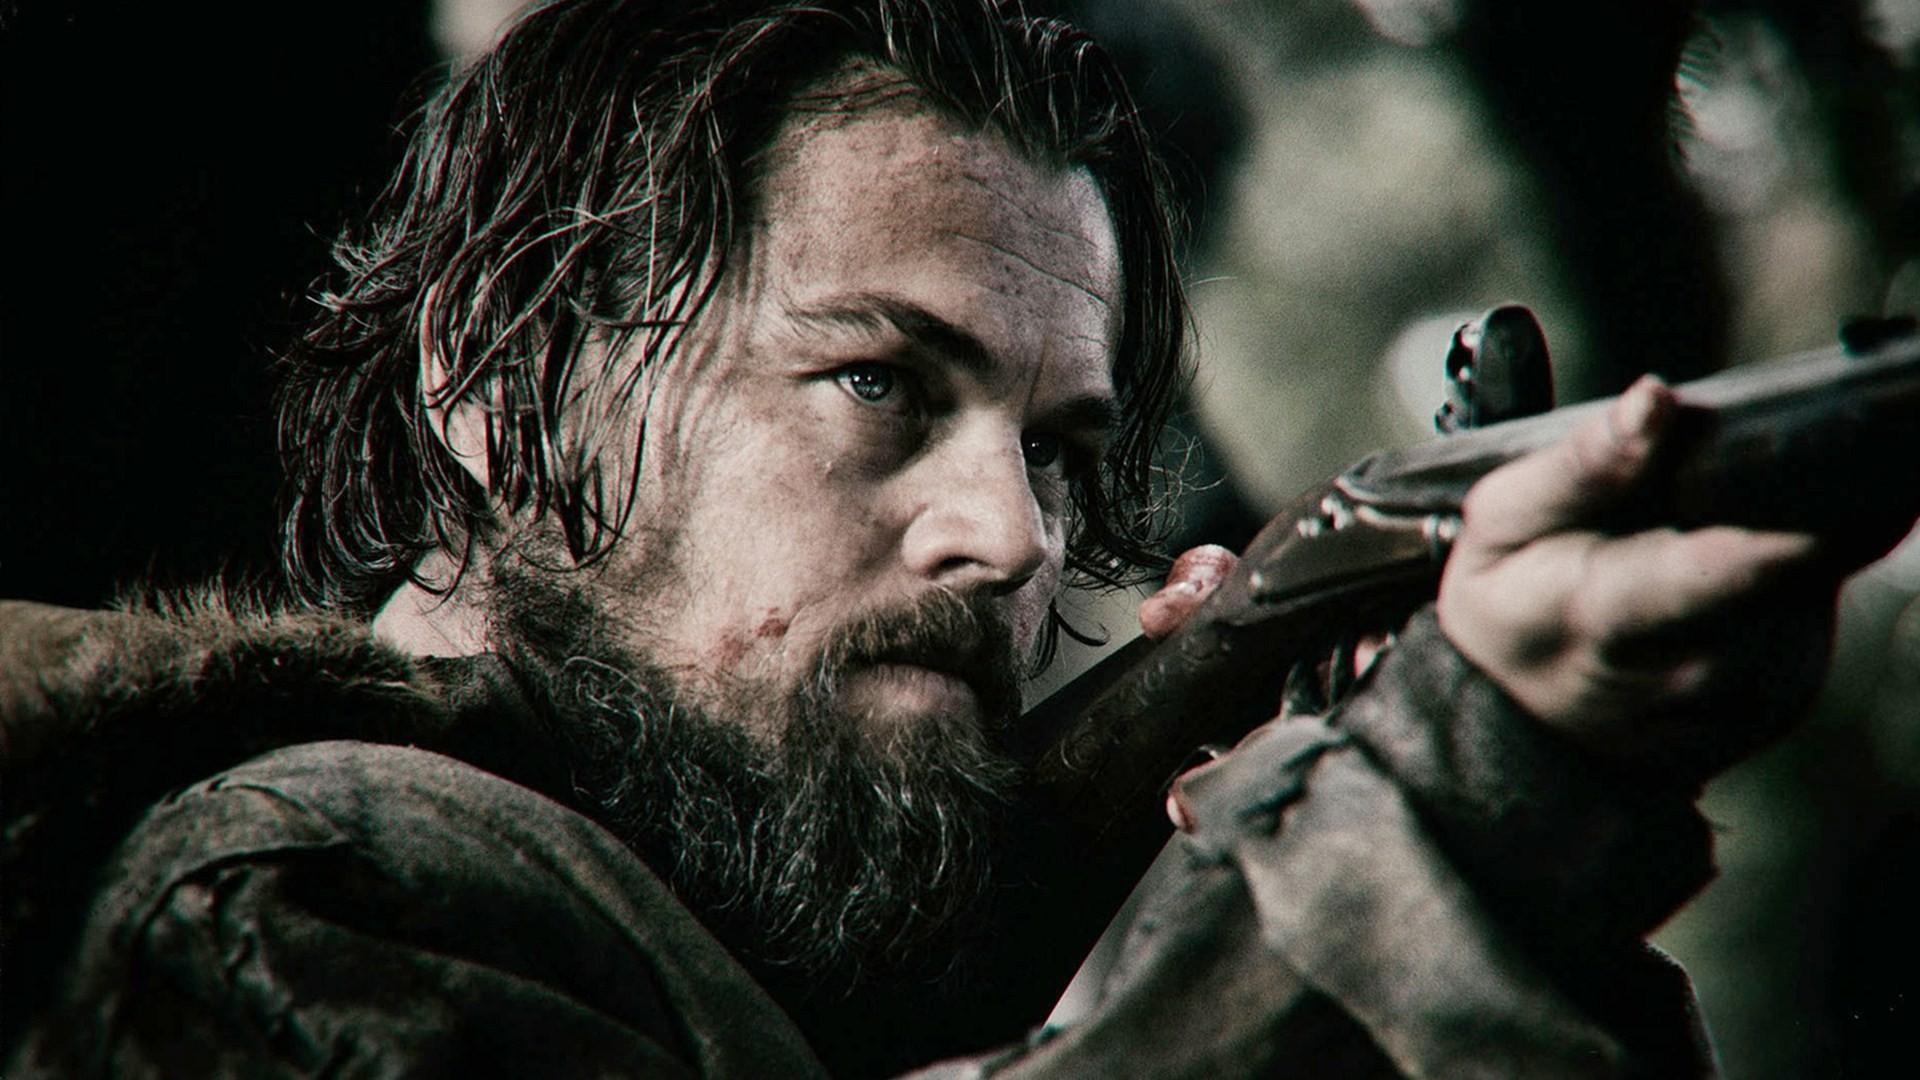 Leo in the Revenant